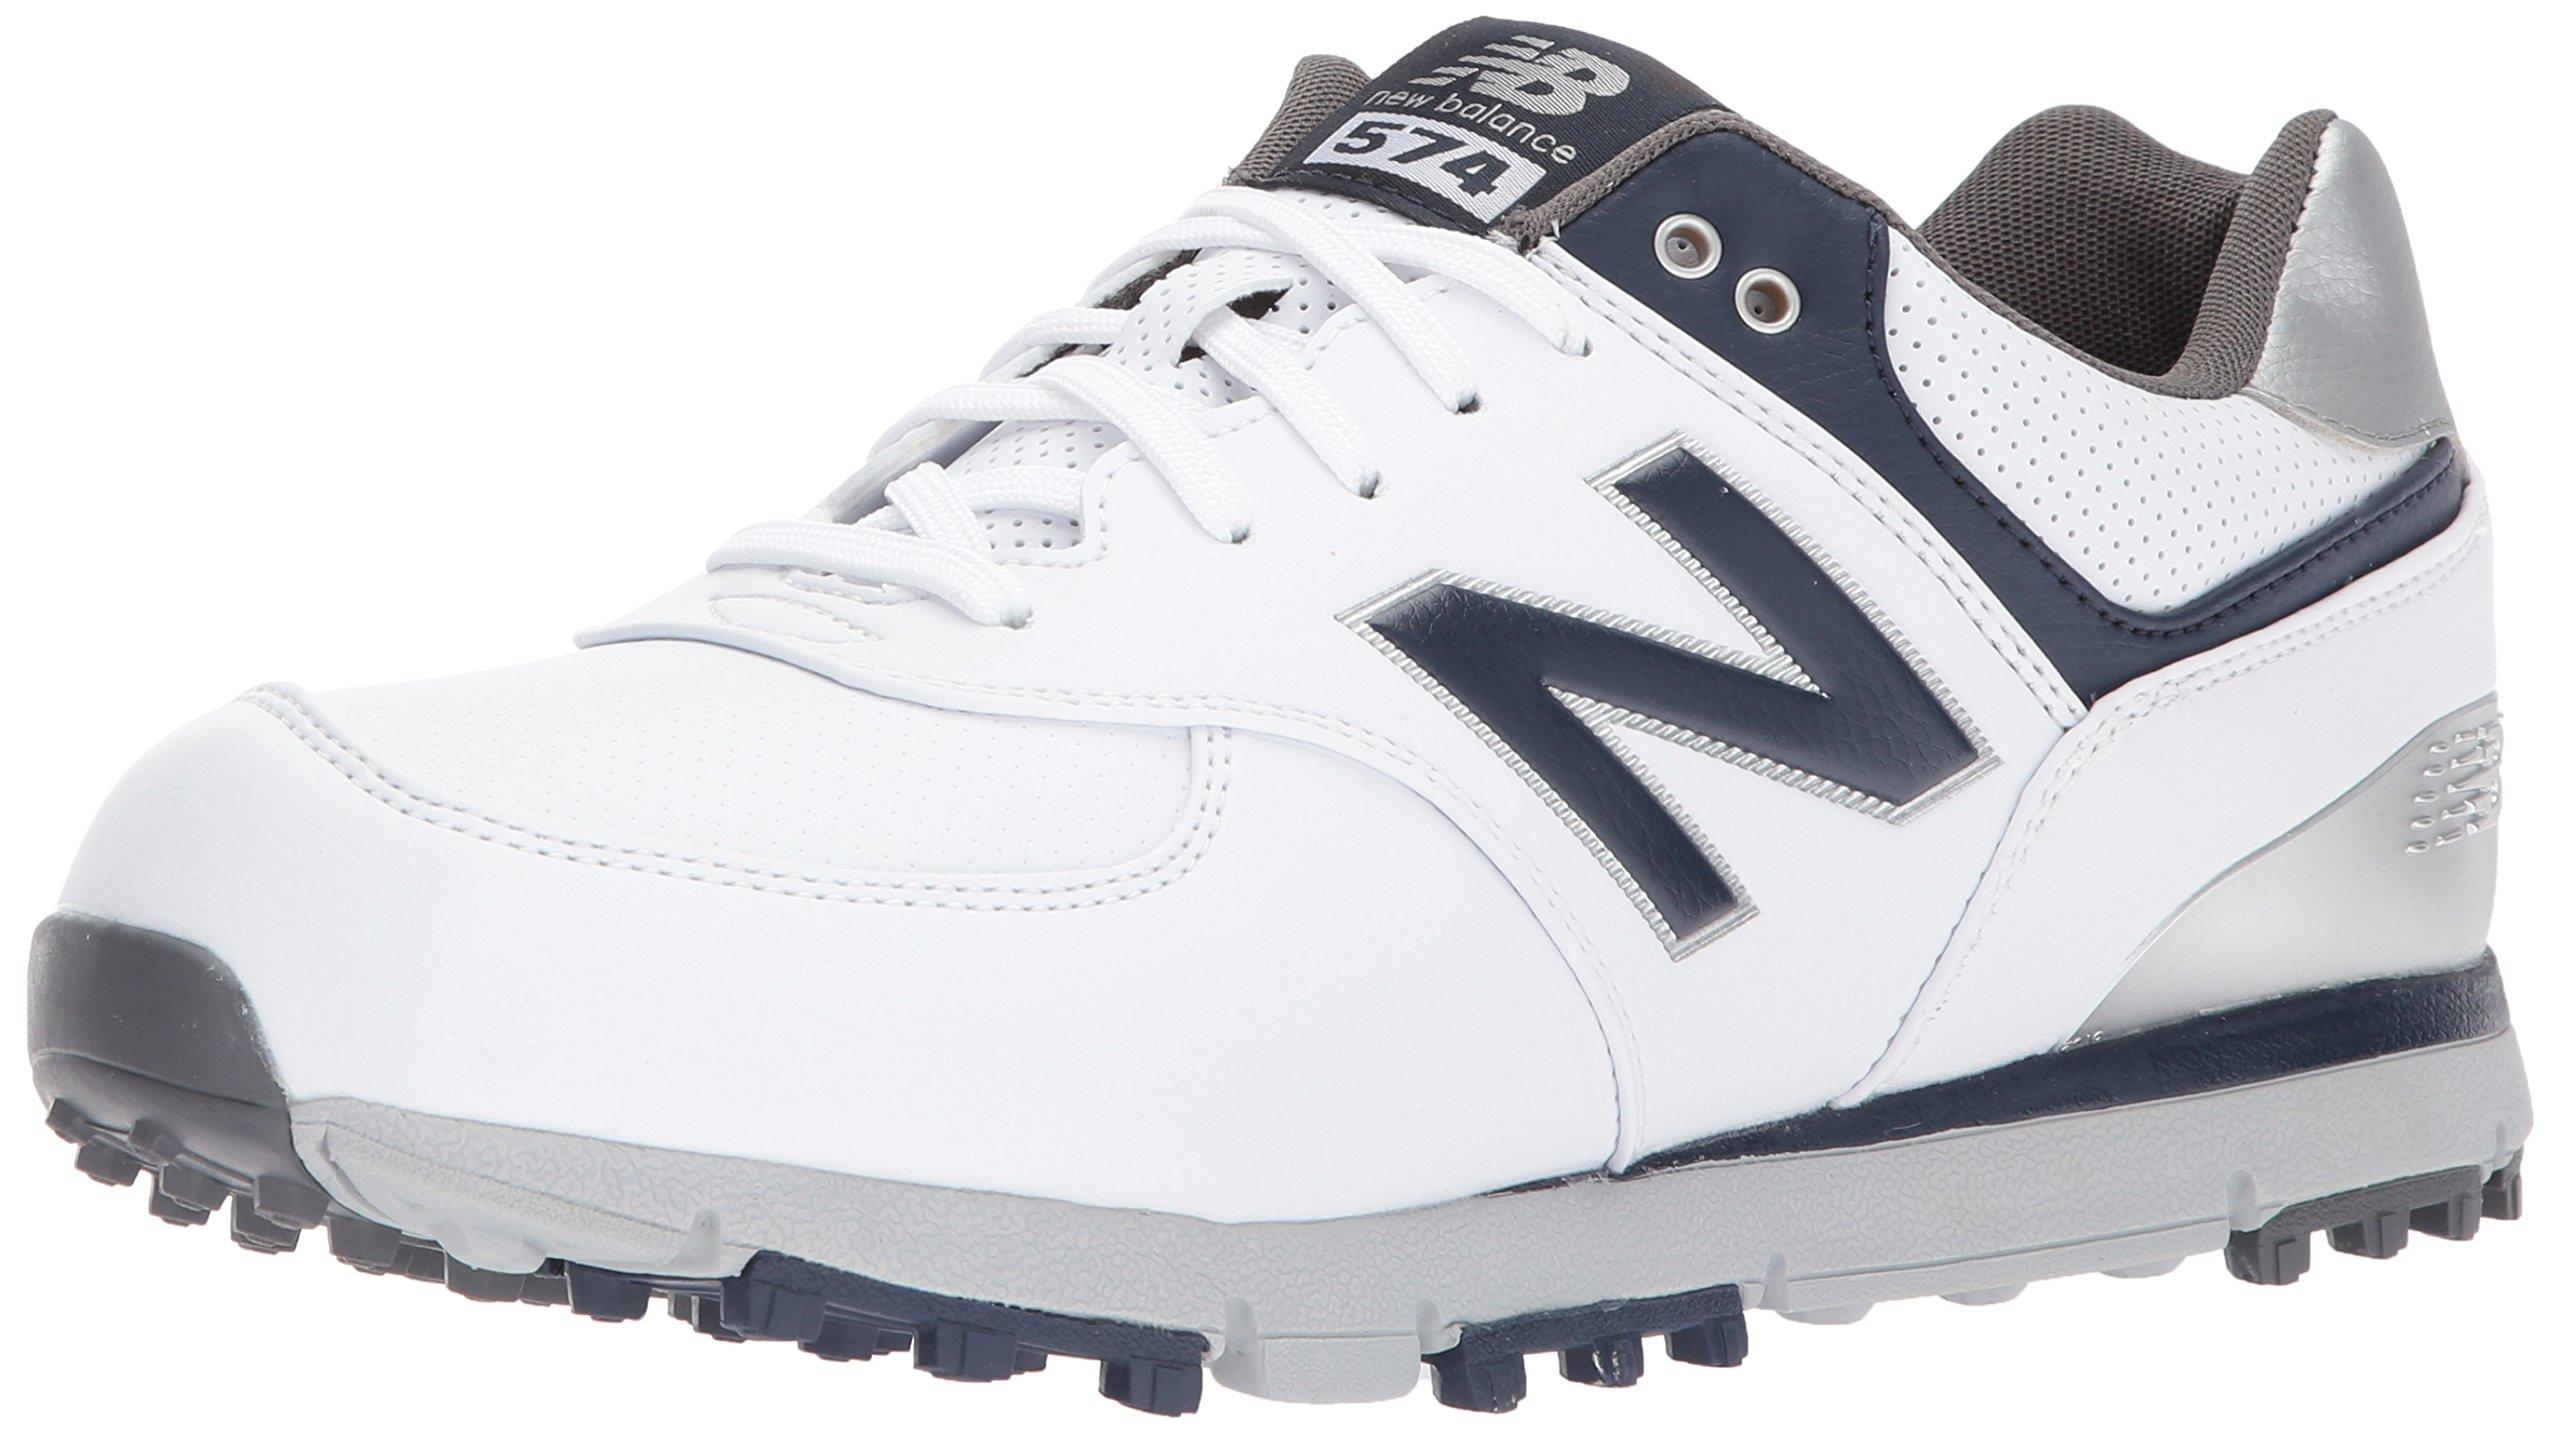 New Balance Men's 574 SL Golf Shoe, White/Navy, 11 2E 2E US